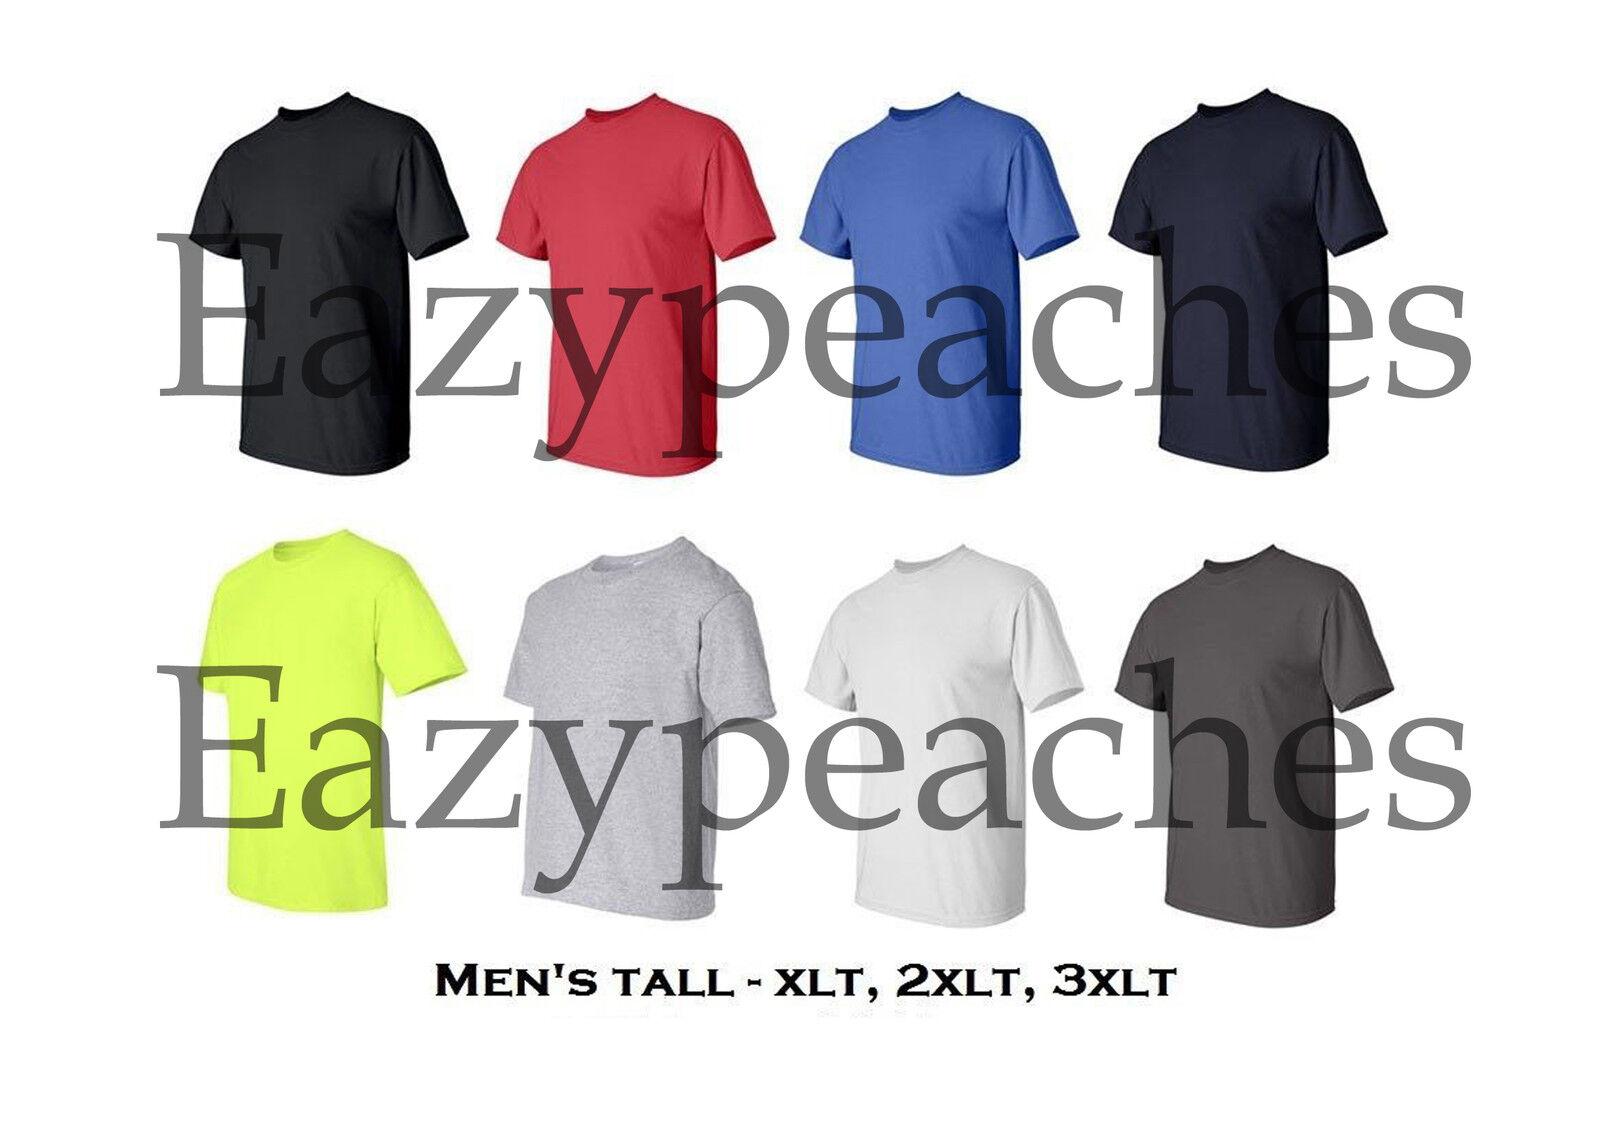 Gildan 2000T Ultra Cotton T-Shirt Tall Sizes 100/% cotton XLT 2XLT 3XLT